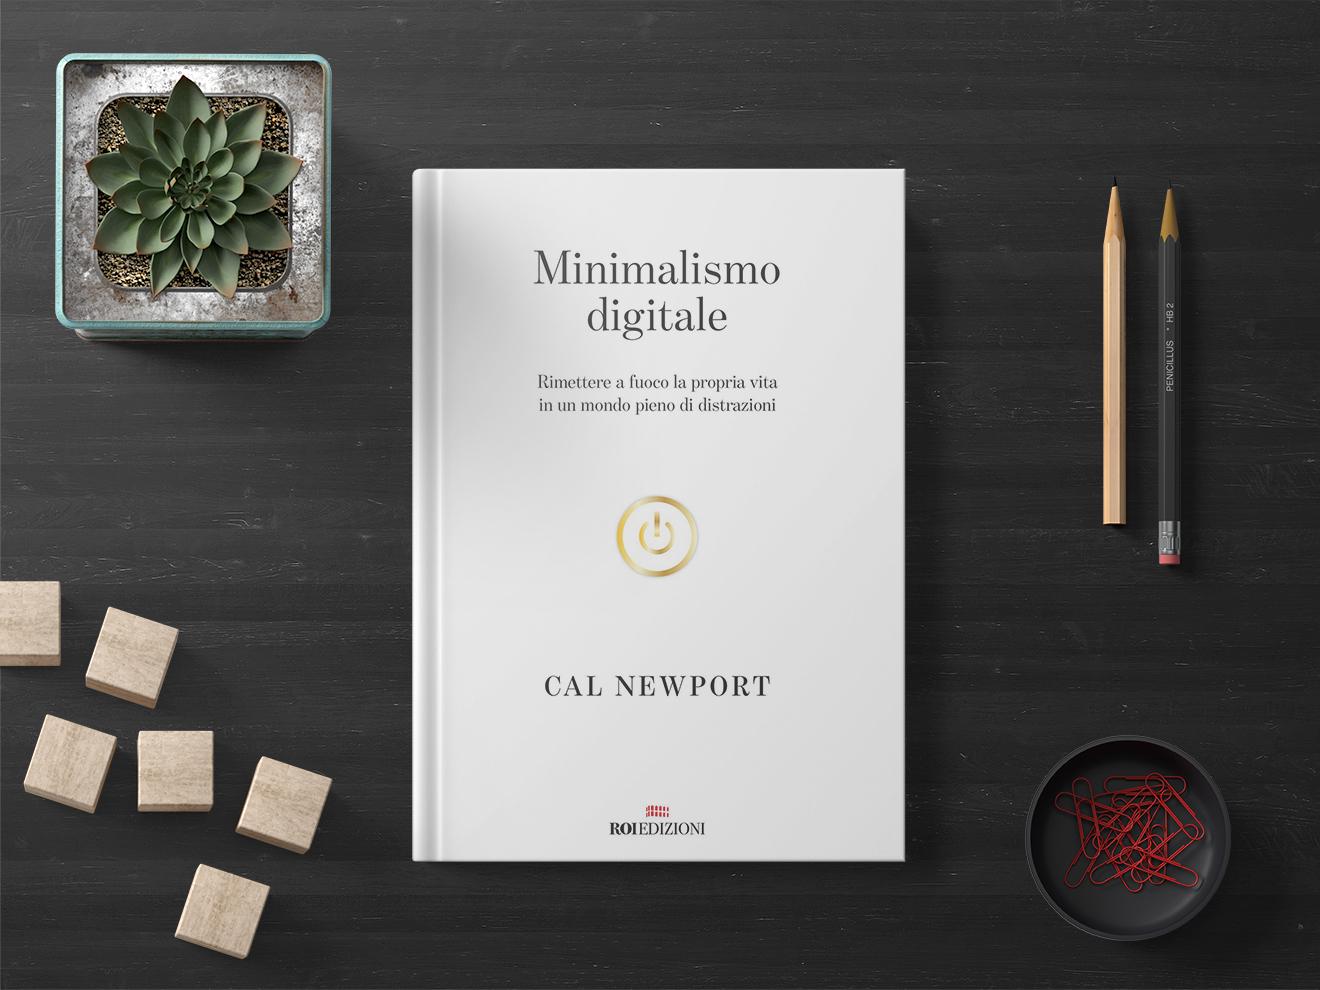 Minimalismo digitale: come riappropriarsi del proprio tempo libero e tornare ad essere felici